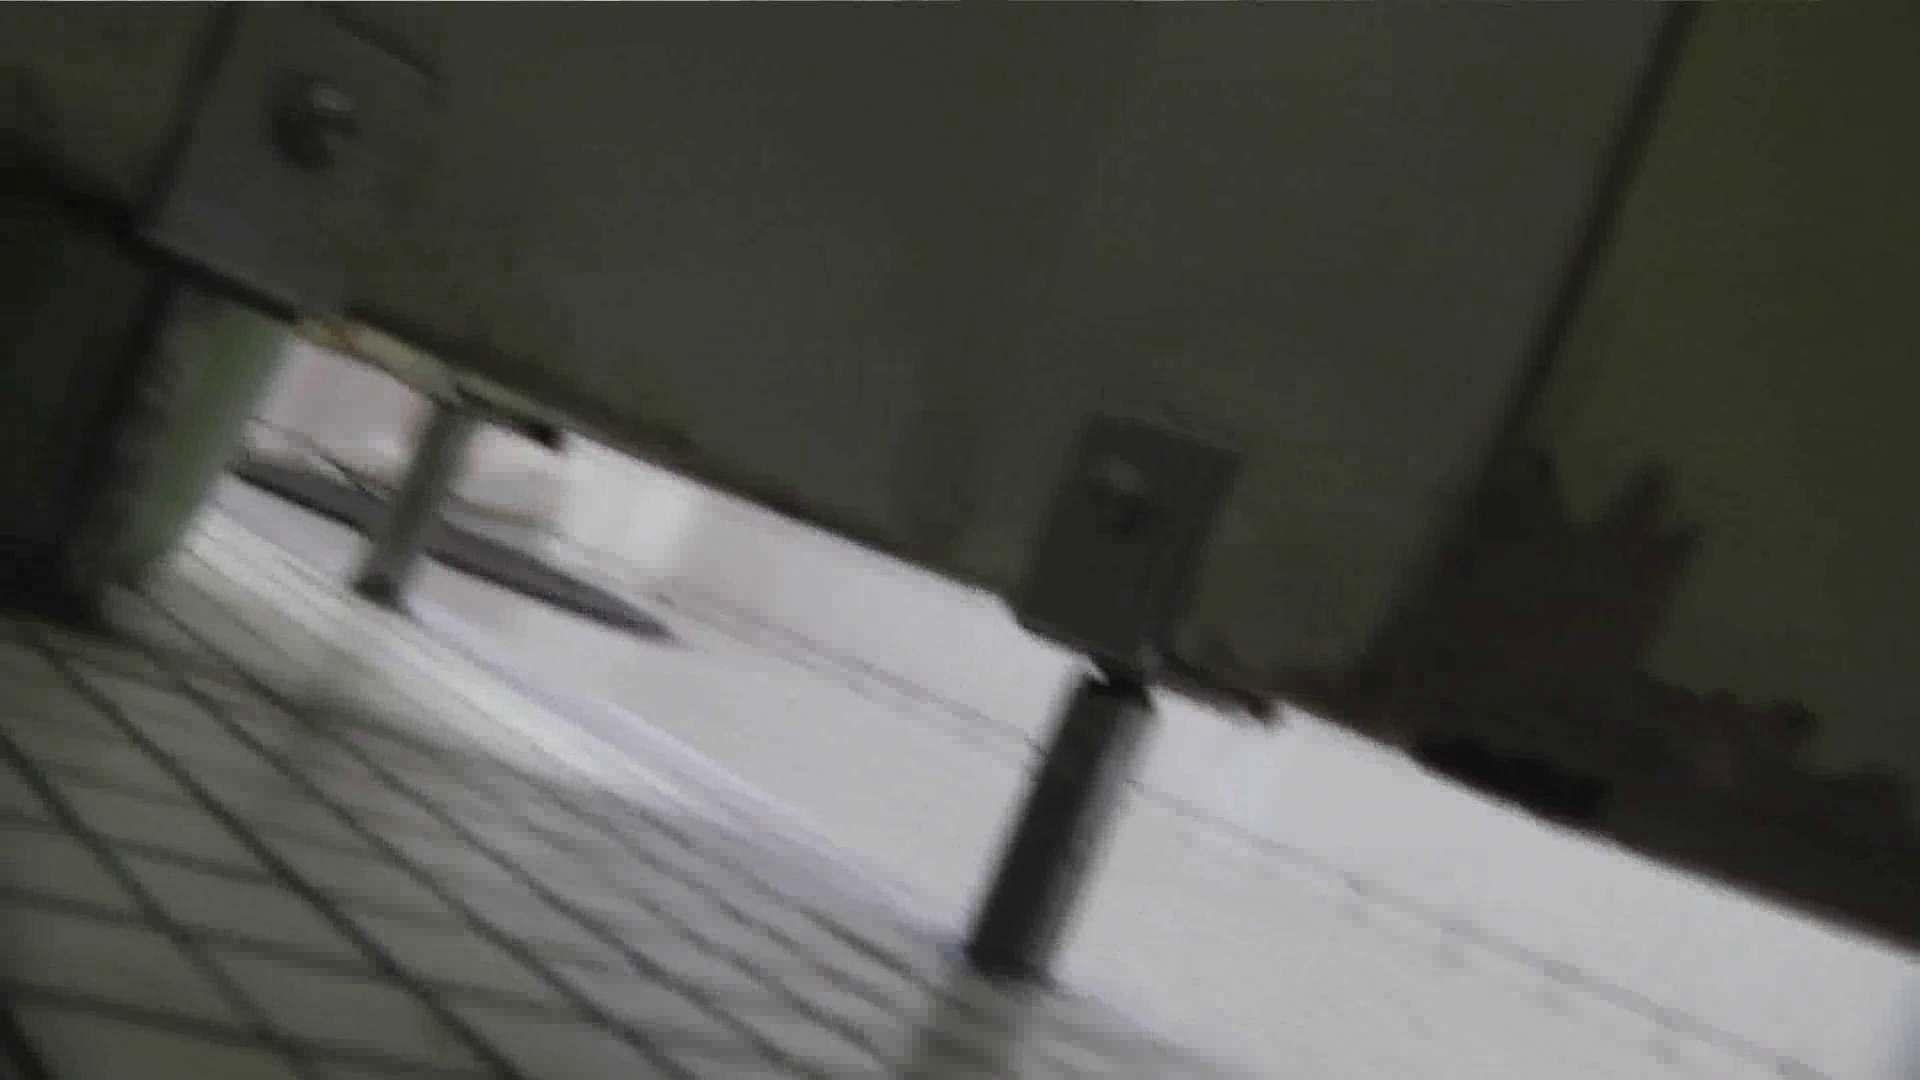 【美しき個室な世界】 vol.025 メガネ属性ヾ(´∀`)ノ 高評価  112PIX 13